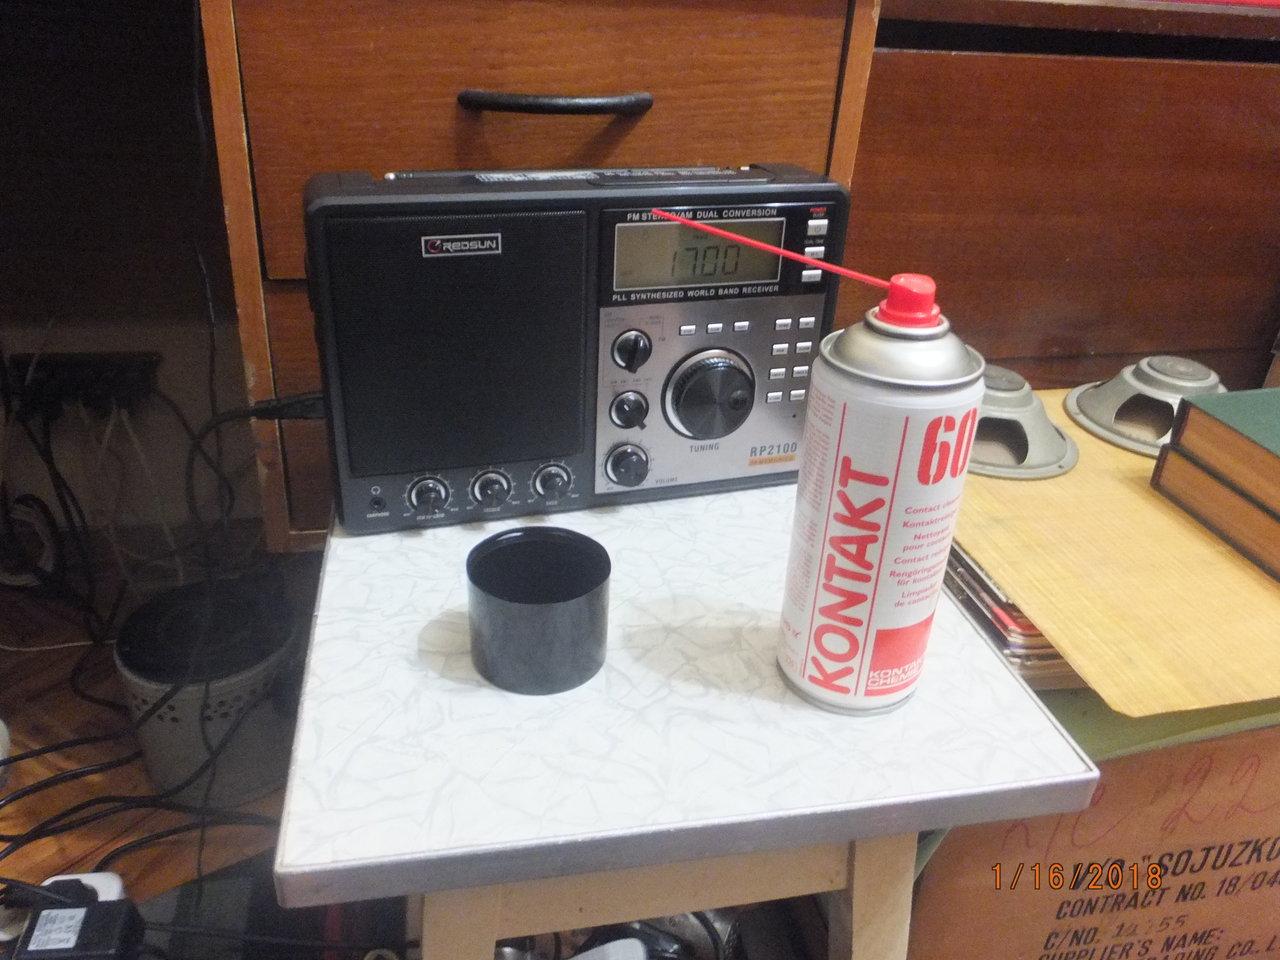 Ремонт, доработка и регулировка радиоприёмников - Поговорим о радио? DX форум. Форум о радио и DX. DXing.